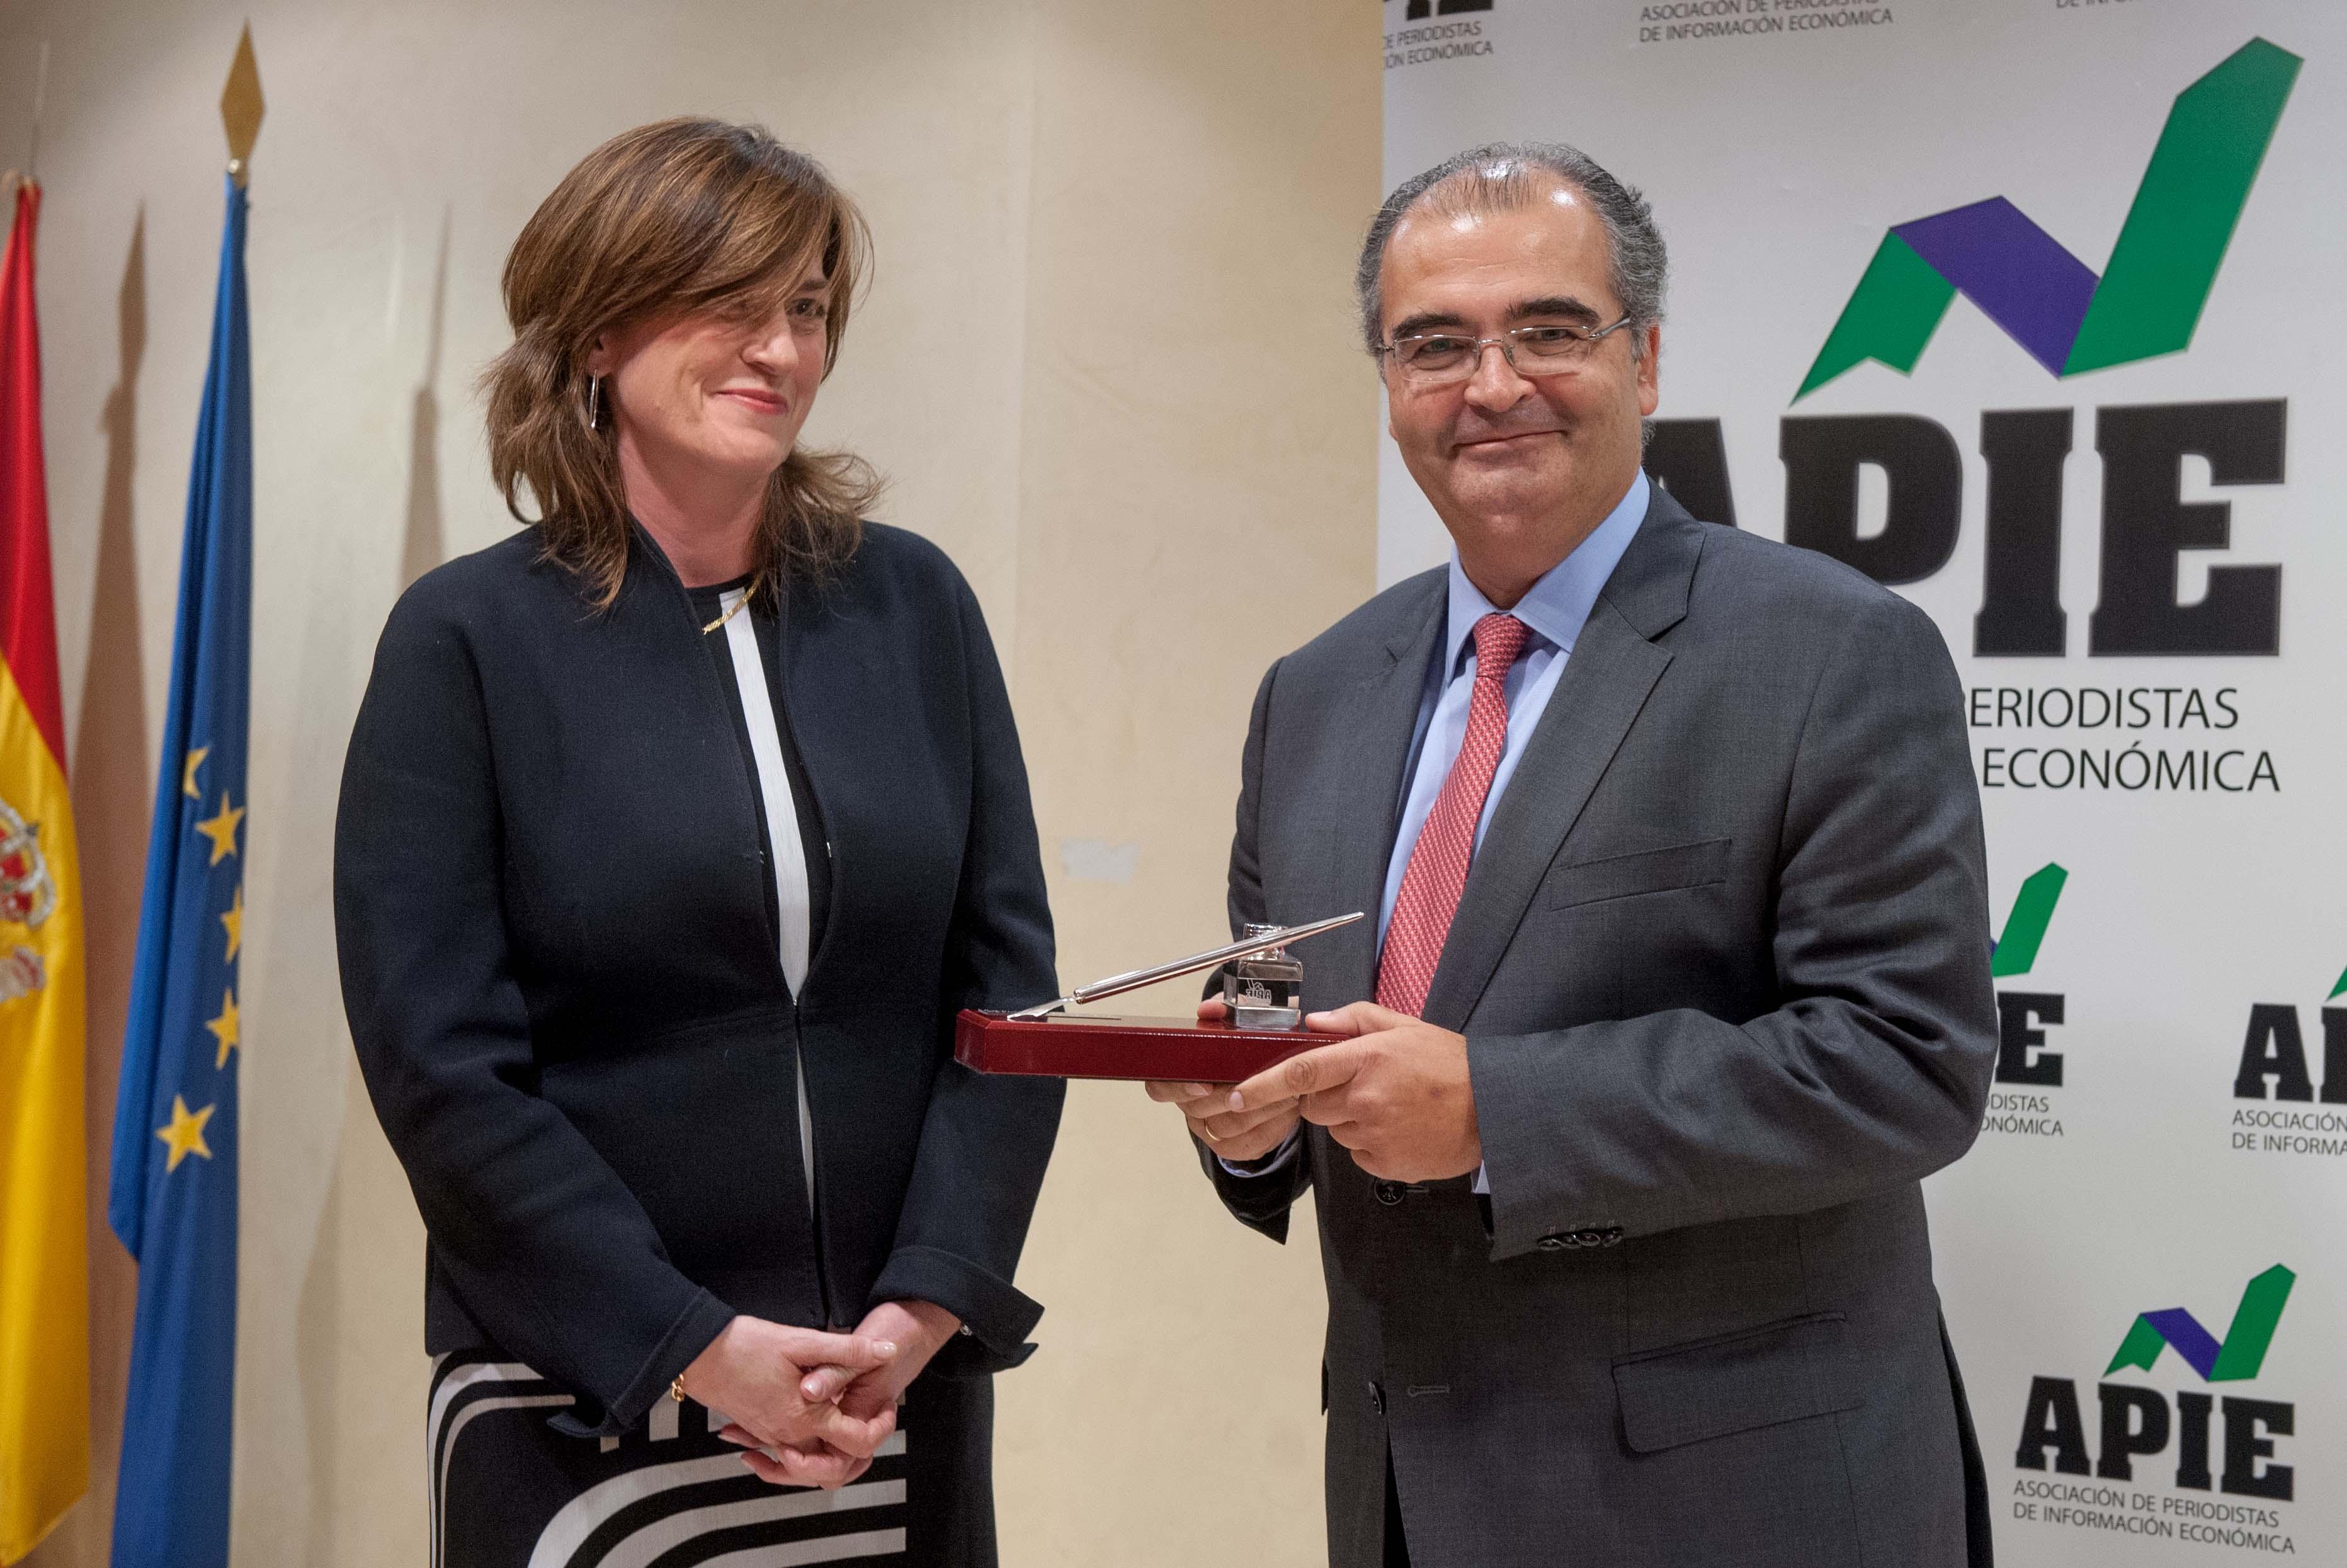 Angel Ron Güimil, presidente del Banco Popular, recibe su accésit al premio Tintero de manos de Rosa María Sánchez, de la Junta Directiva de APIE.